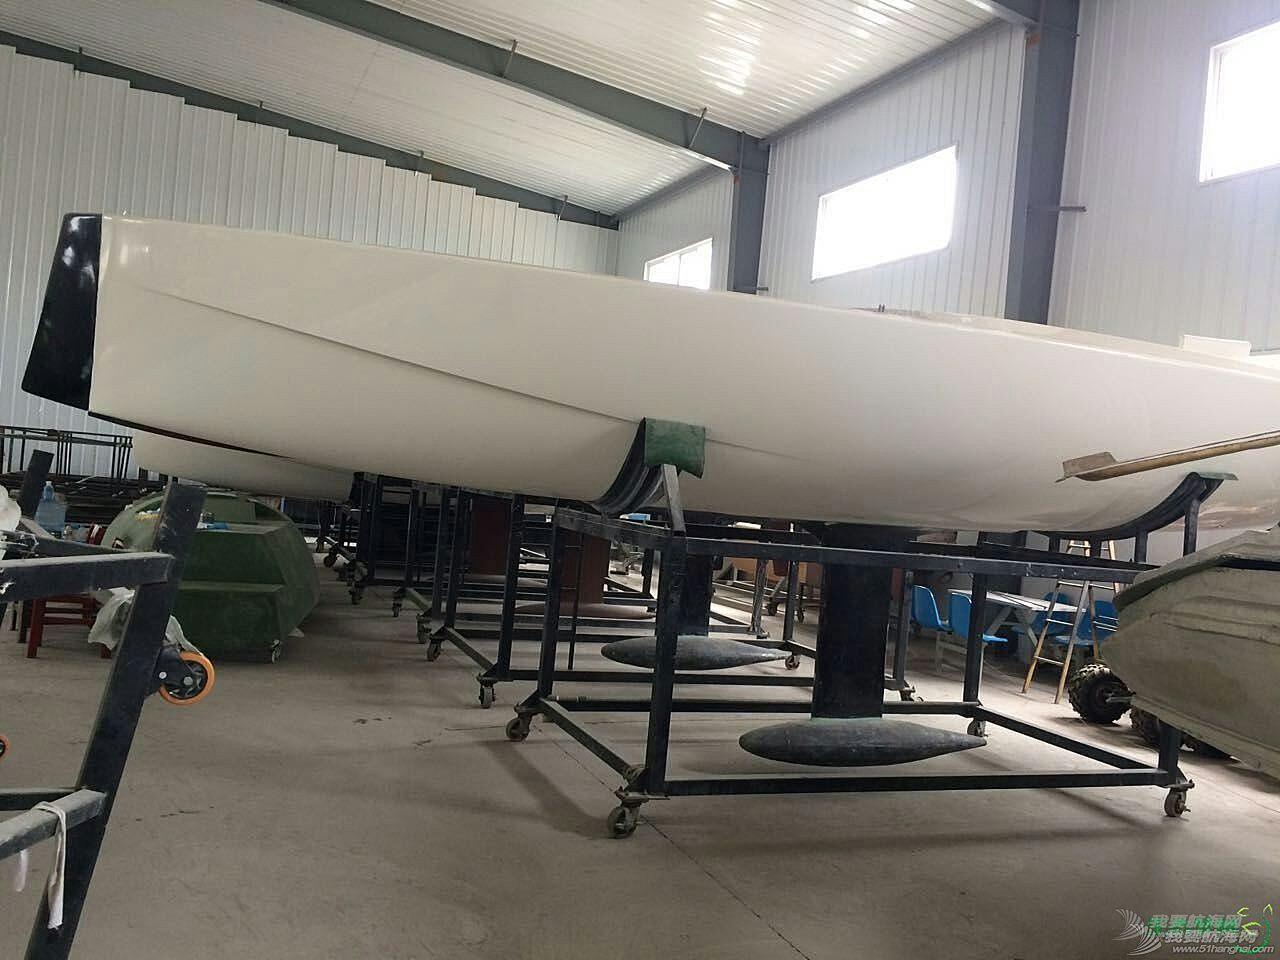 帆船 五条日航者帆船(daytripper)出售